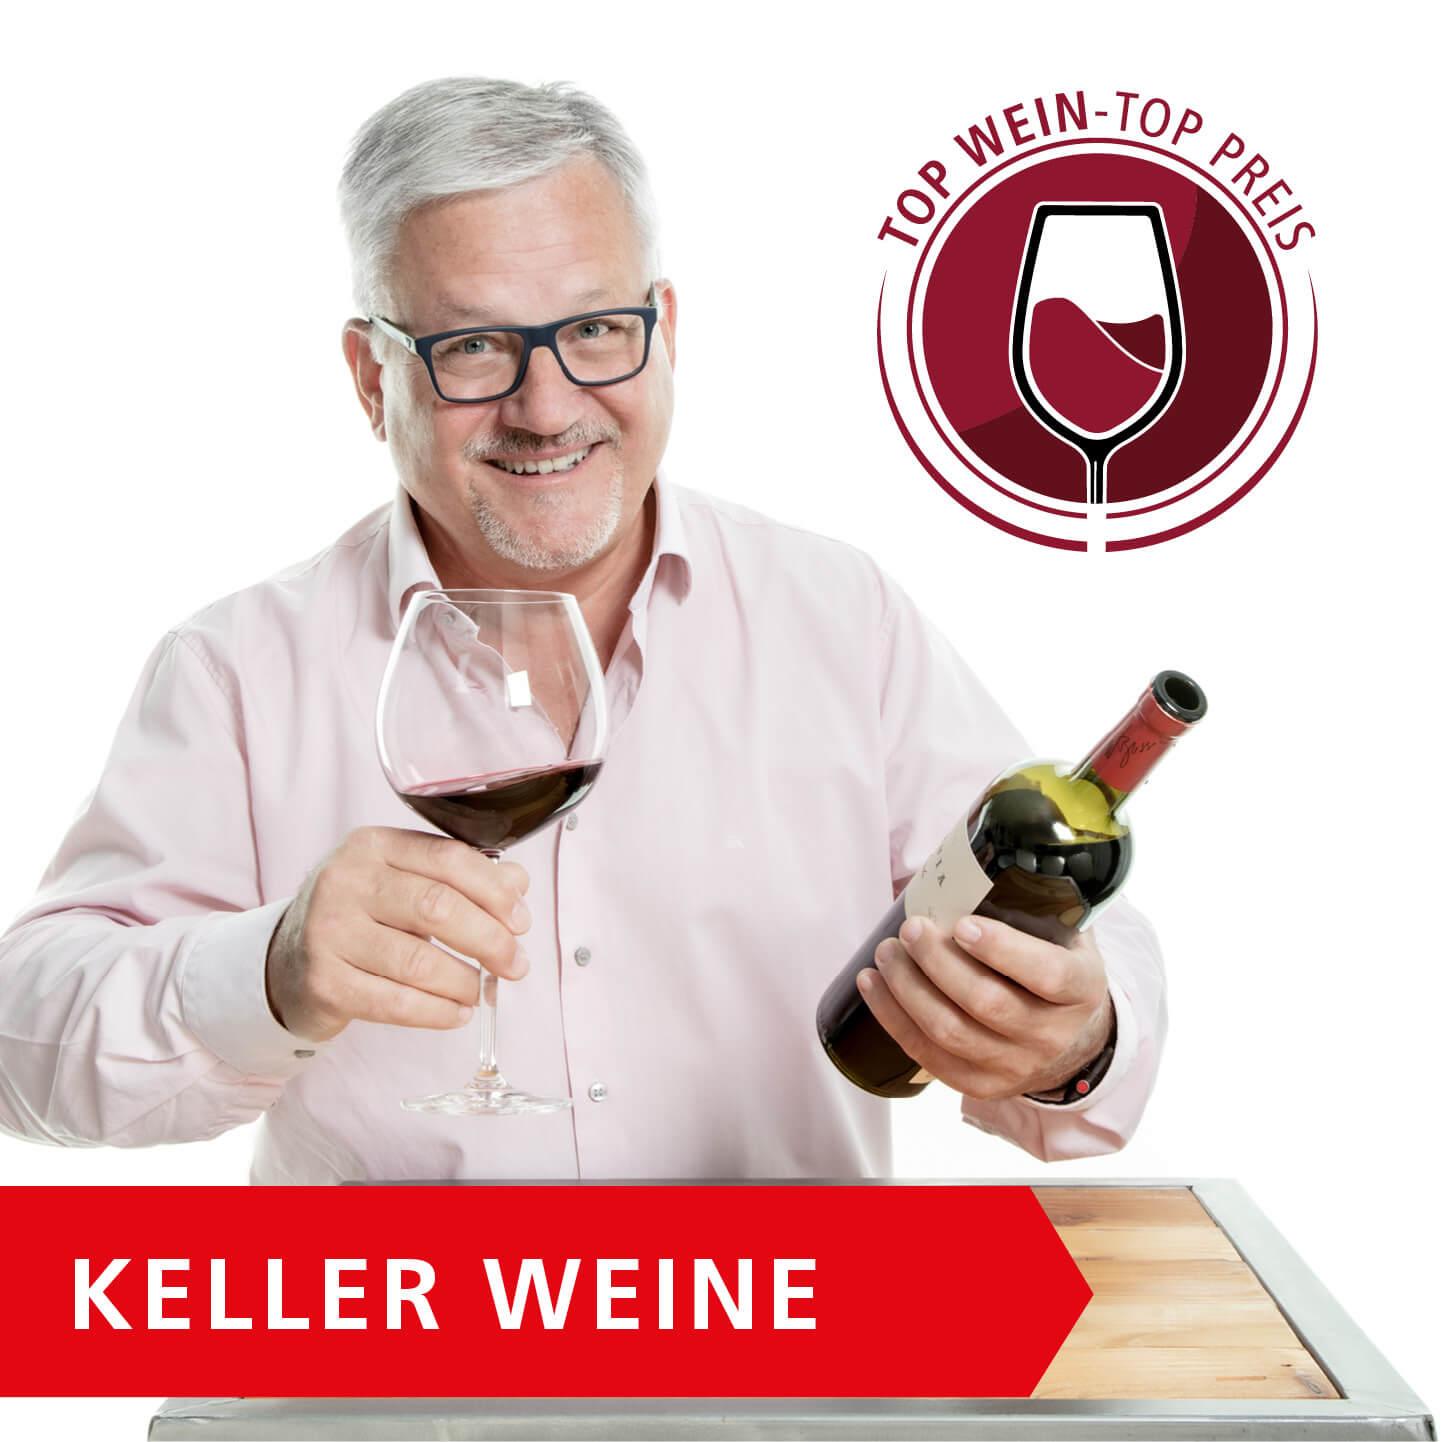 Keller Weine - Top Wein - Top Preis